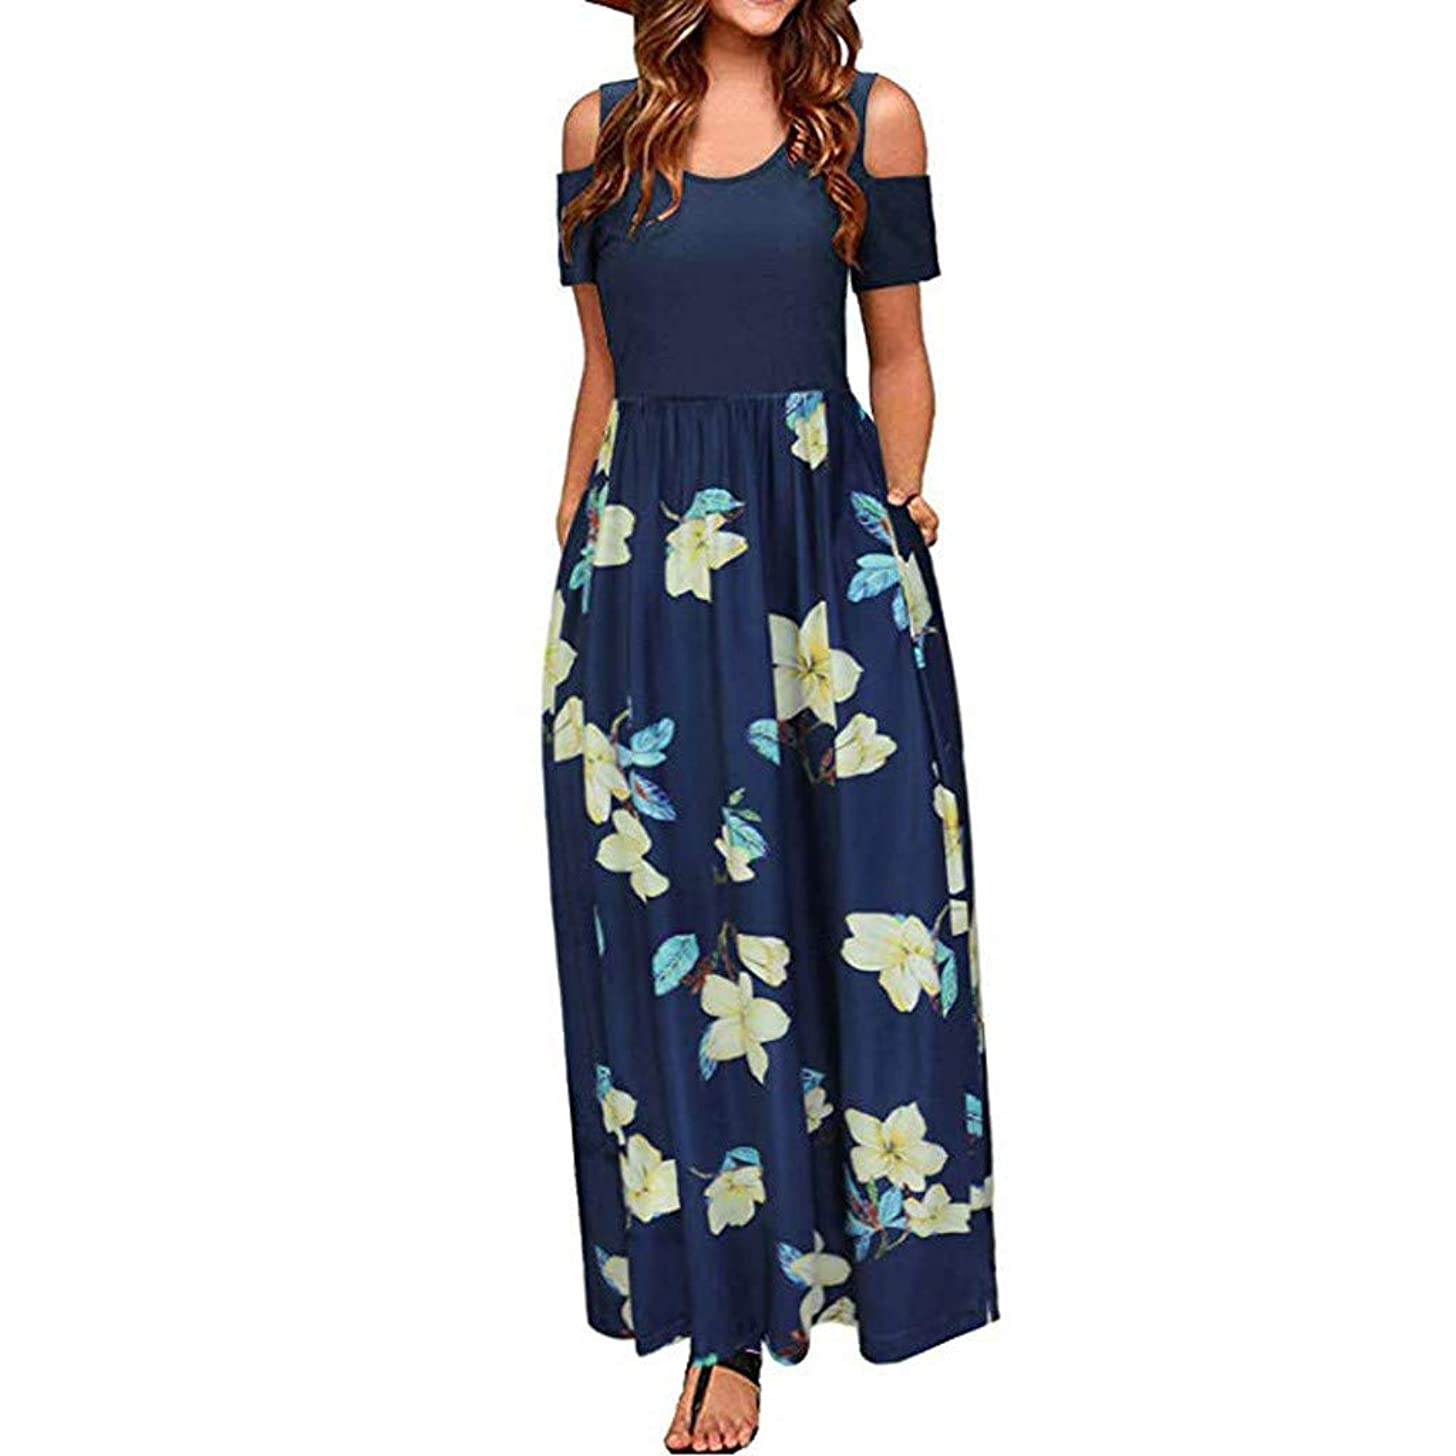 Women Cold Shoulder Maxi Dress | Ladies Short Sleeve Floral Print Elegant Long Dresses with Pocket